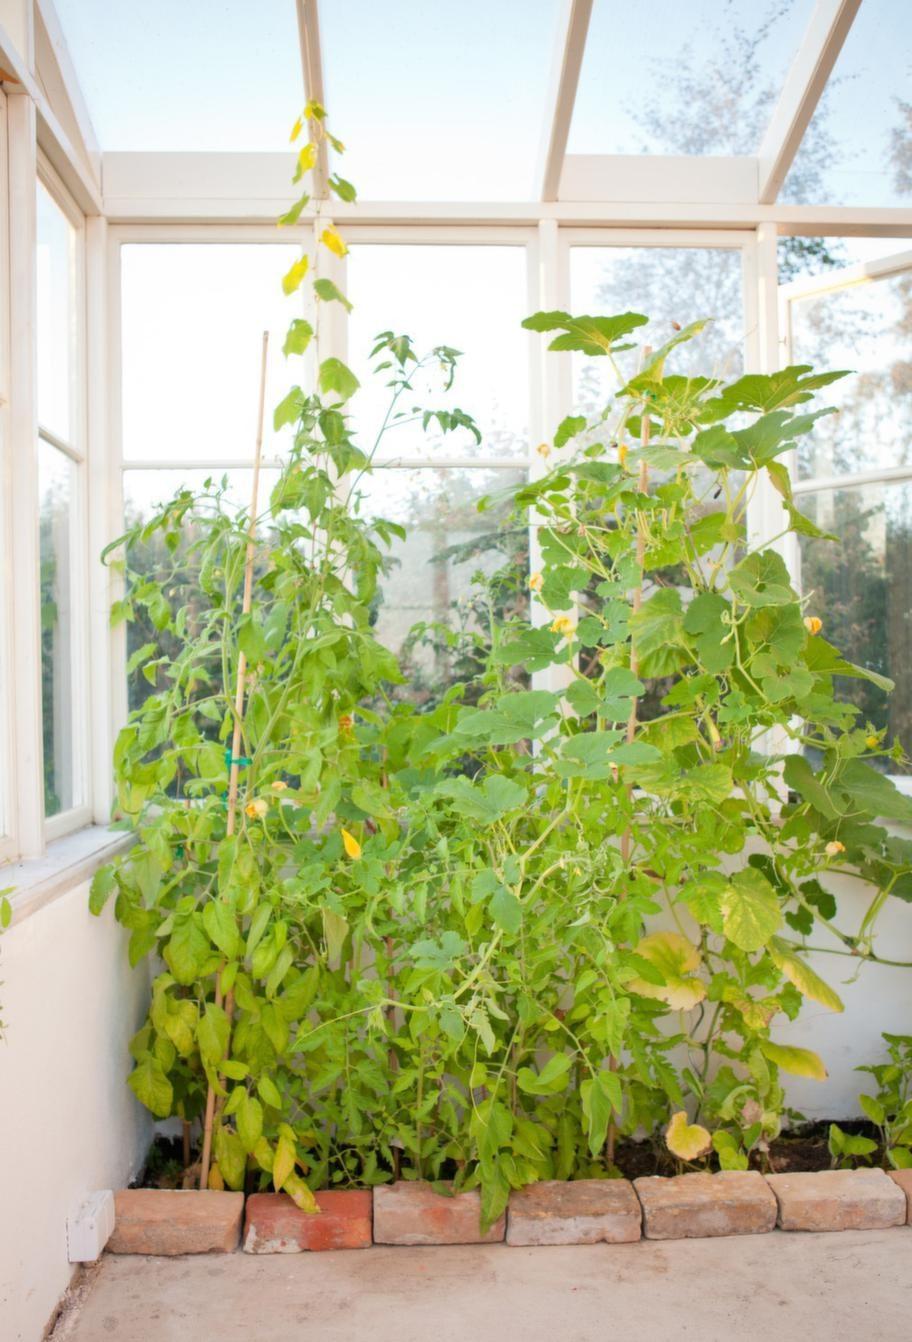 Växtbädd. Ena långsidan har växtbäddar som går hela vägen ner till marken. De är kantade med gammalt tegel. Vinranka som planerades för någon månad sedan frodas tillsammans med tomatplantor.